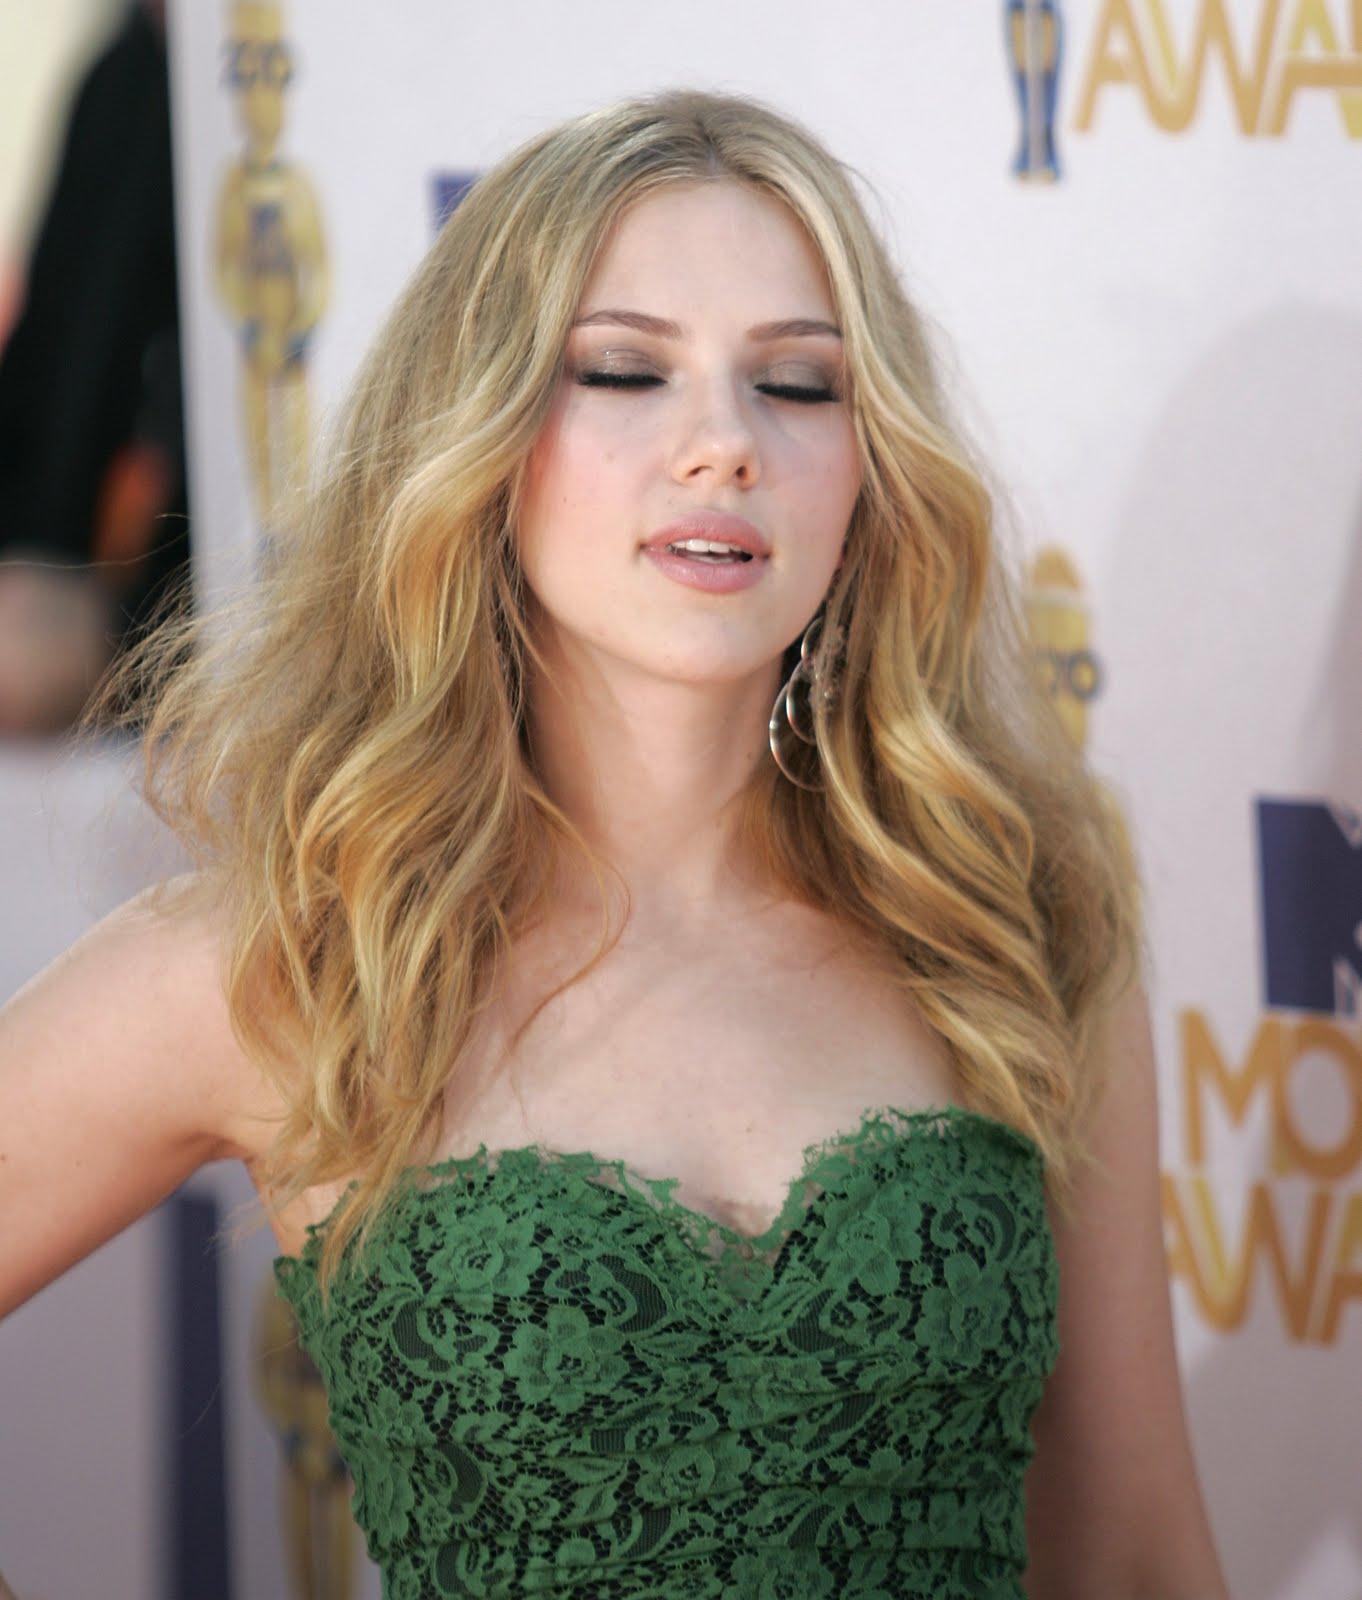 http://2.bp.blogspot.com/_YzoNgr0eLEo/TU5hLMH19MI/AAAAAAAAHqo/hwkSlY-FjBw/s1600/21688_ScarlettJohanssonMTVMovieAwards10_122_348lo.jpg